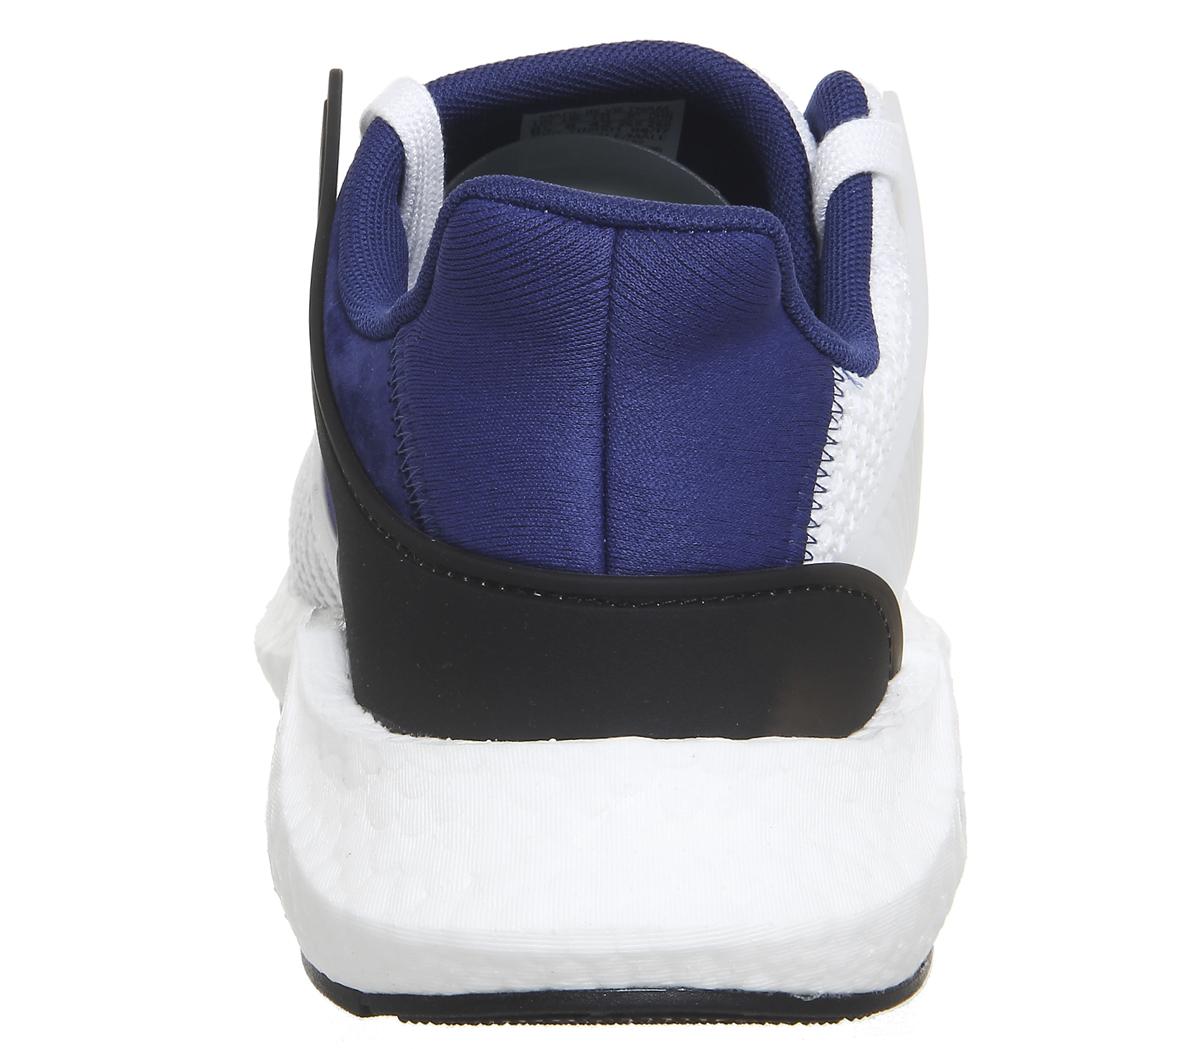 Adidas eqt SOSTEGNO 93 17 BIANCO CORE NERO BIANCHE Sportive Scarpe 43d8b1f844d